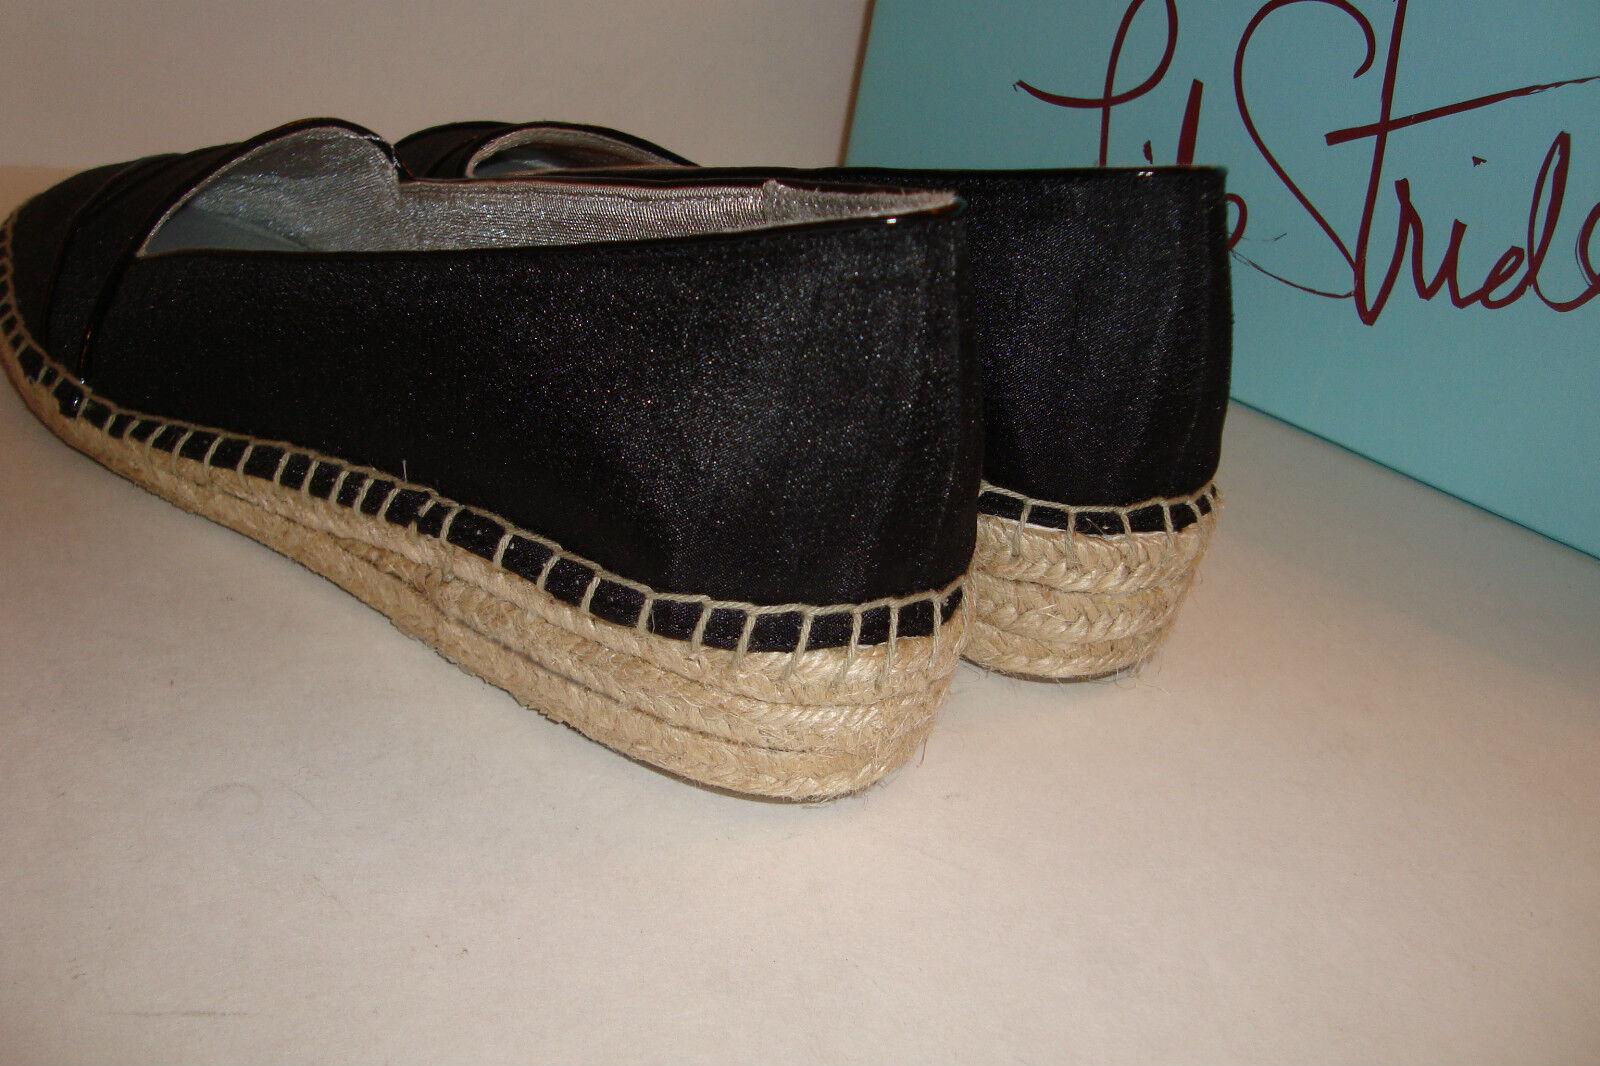 Life Stride Lifestride Rapido Para Mujer Nuevo Con Caja Rapido Lifestride Negro Tela De Seda Flats zapatos 9.5 M Nuevo d4ff03